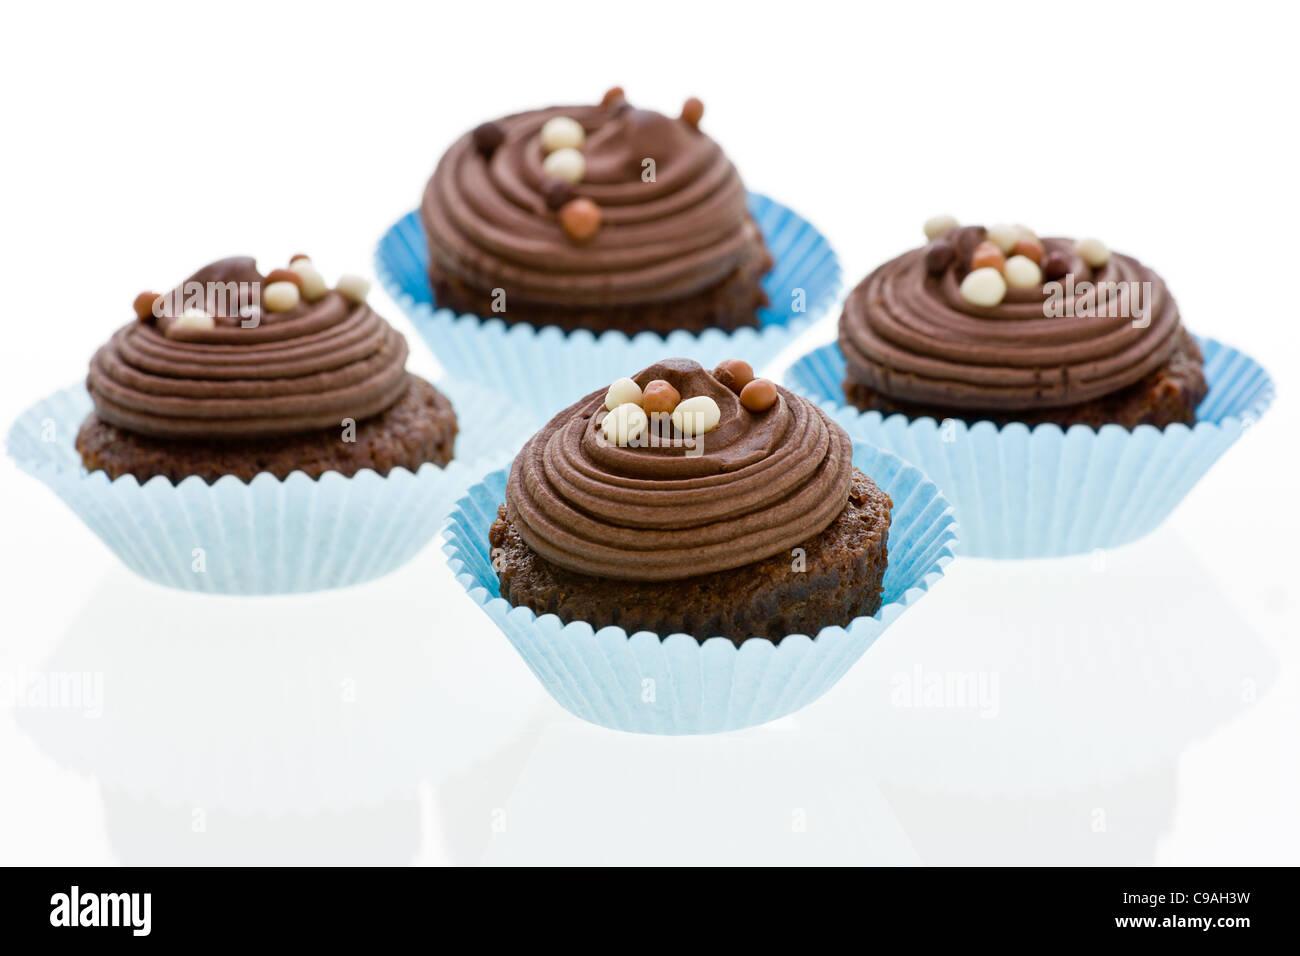 Cupcakes Vier Schokokuchen Mit Brauner Buttercreme Verwirbelt Und